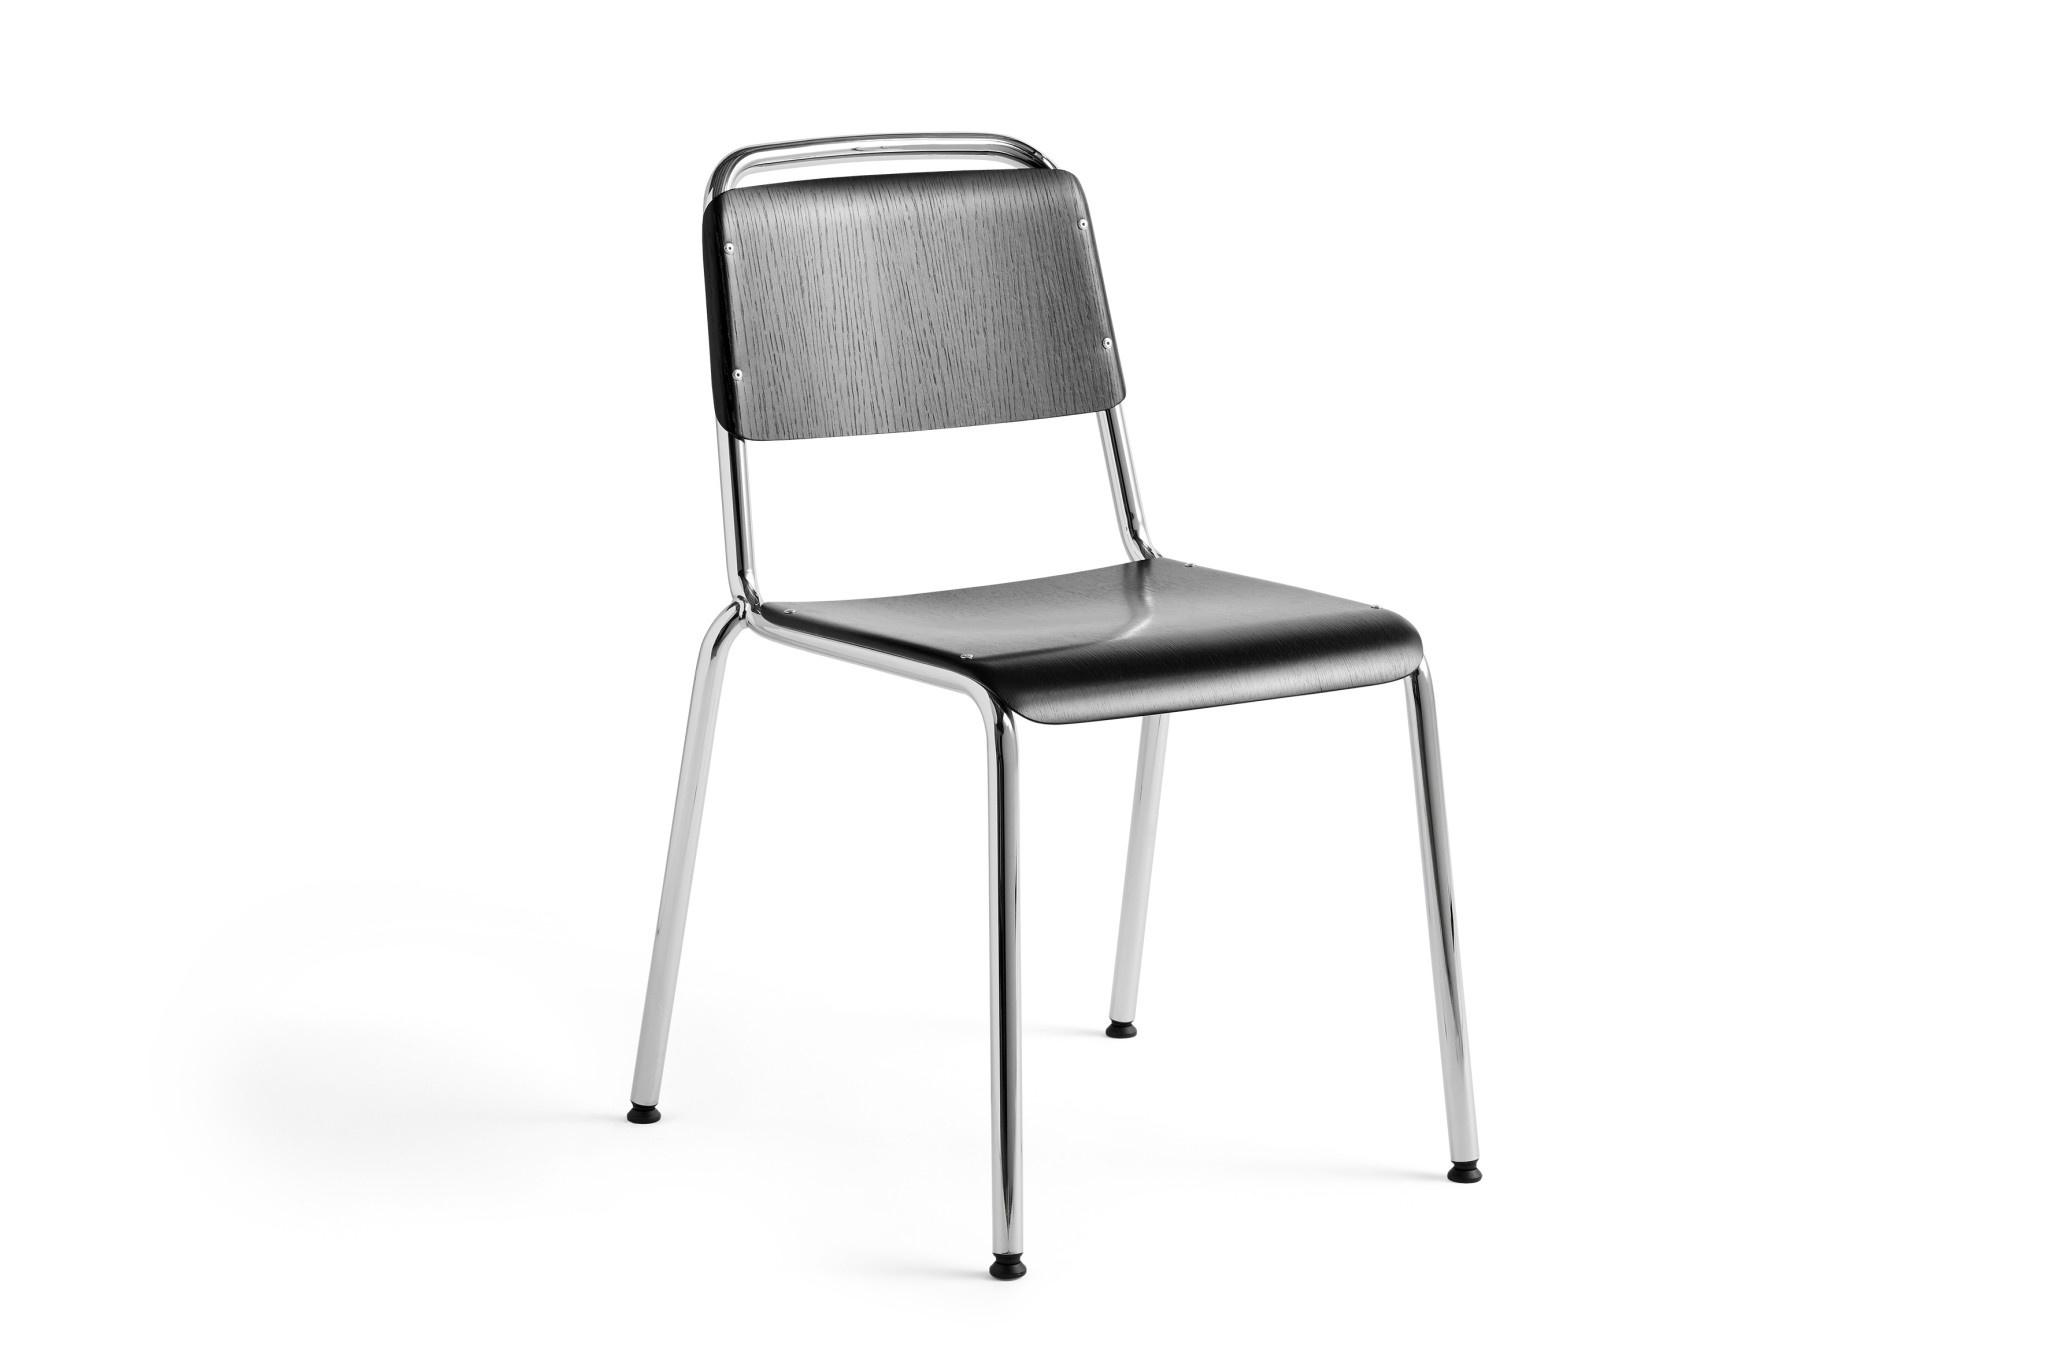 HAY Halftime stoel - chrome onderstel - HAY